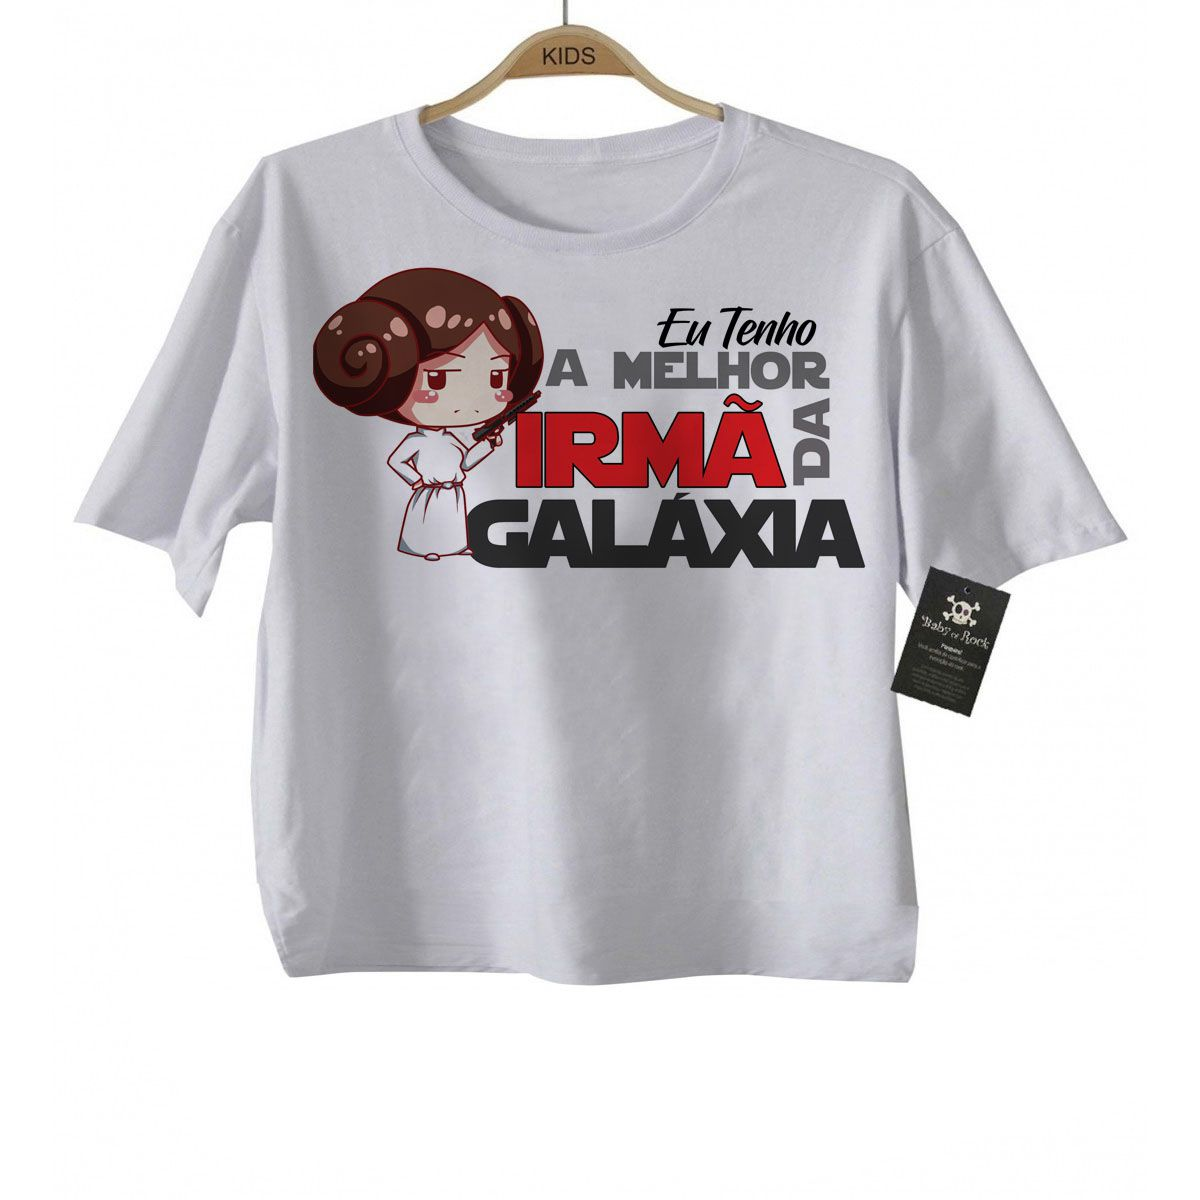 Camiseta  Nerd / Geek  Bebe eu Tenho a melhor Irmã   da Galáxia - White  - Baby Monster S/A